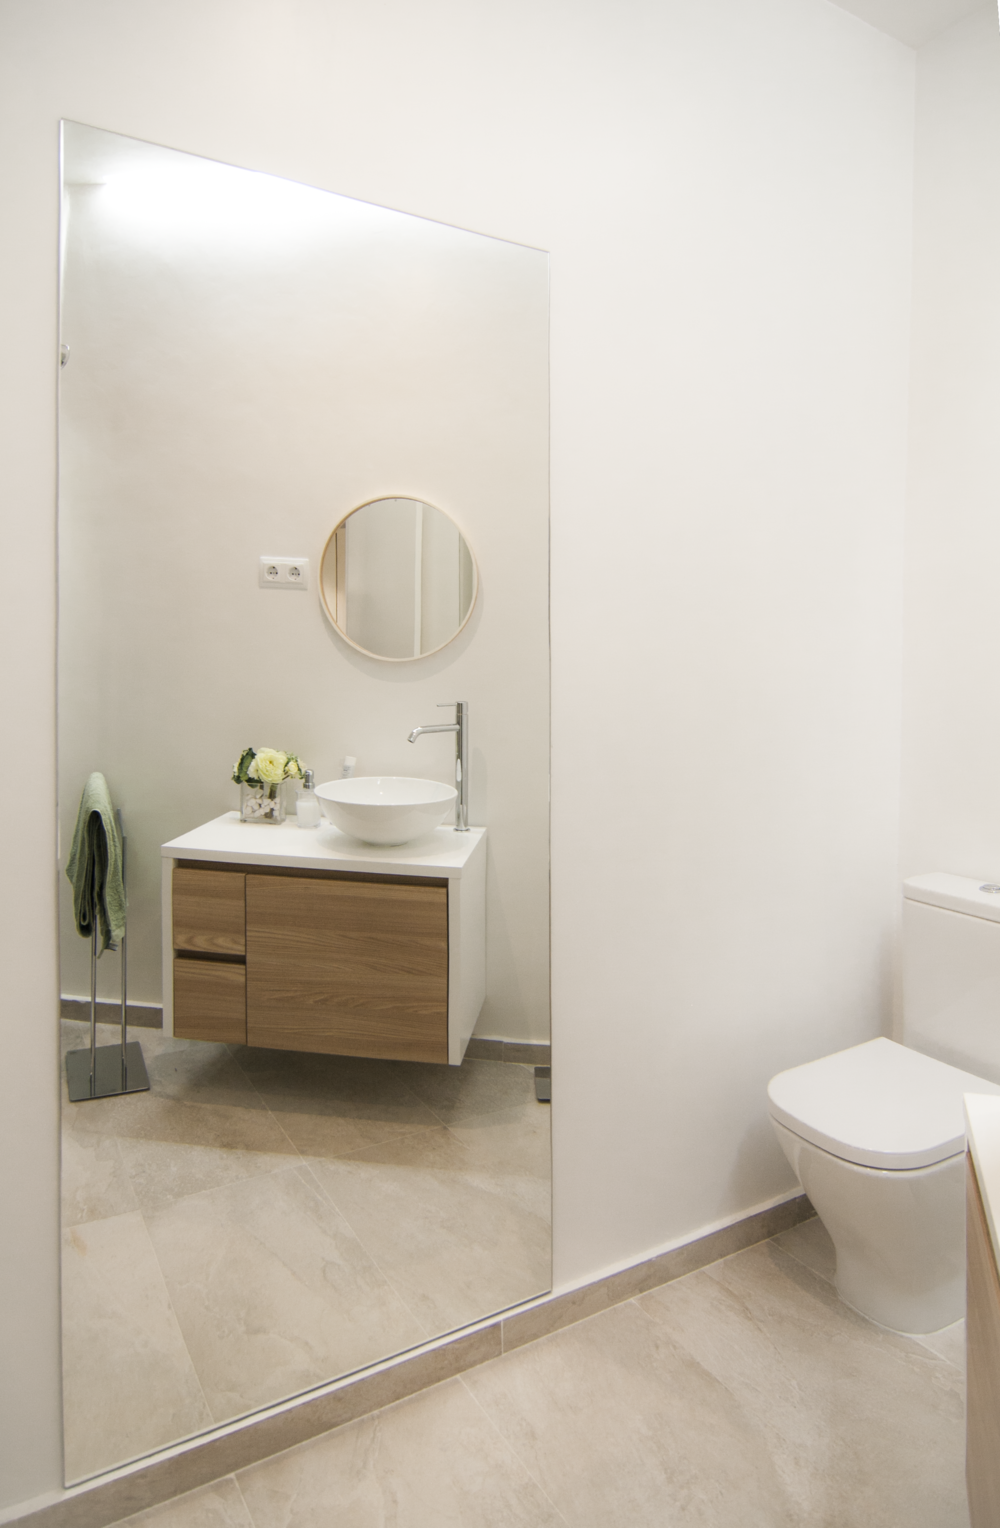 emmme studio_el nuevo baño de m y lola - espejo mueble baño inodoro.png